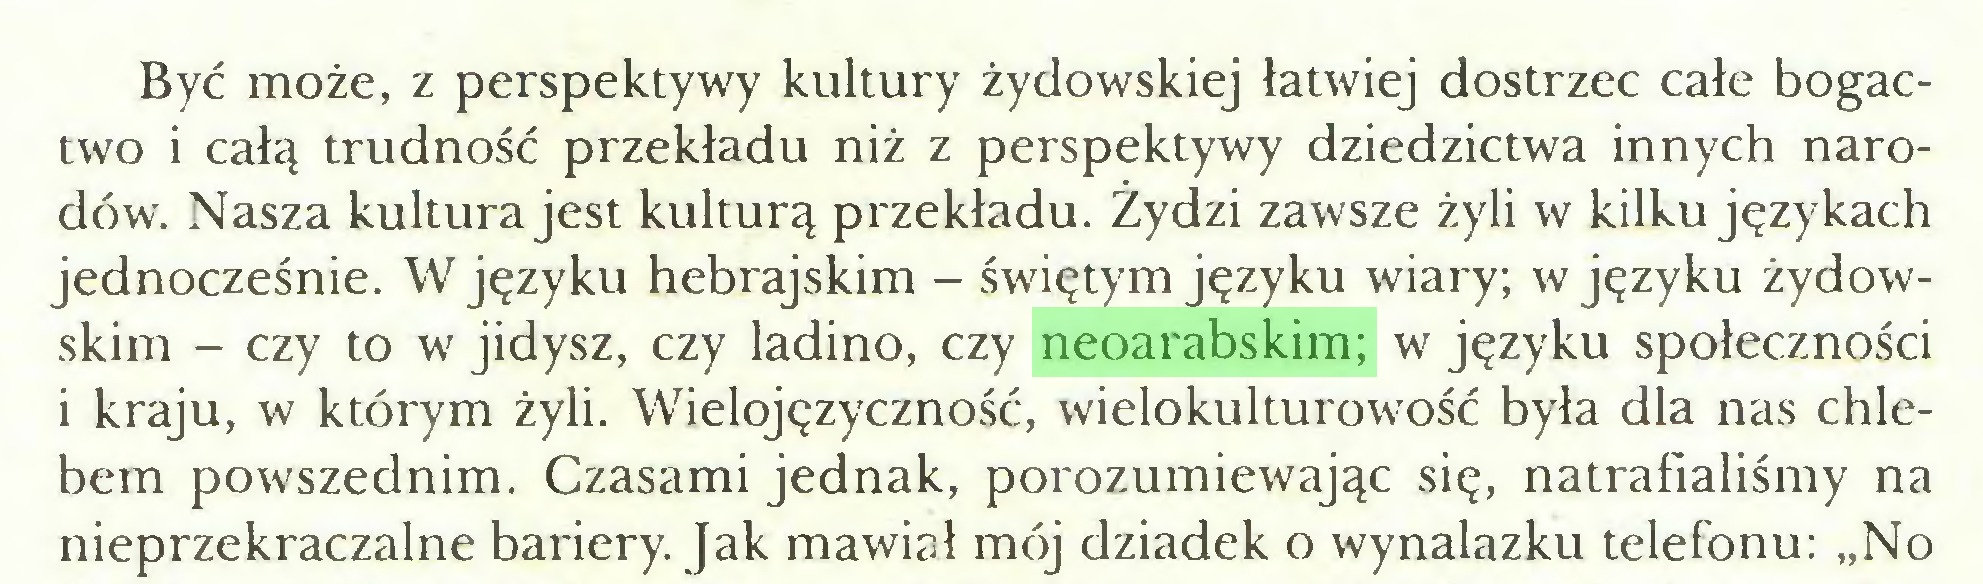 """(...) Być może, z perspektywy kultury żydowskiej łatwiej dostrzec całe bogactwo i całą trudność przekładu niż z perspektywy dziedzictwa innych narodów. Nasza kultura jest kulturą przekładu. Żydzi zawsze żyli w kilku językach jednocześnie. W języku hebrajskim - świętym języku wiary; w języku żydowskim - czy to w jidysz, czy ladino, czy neoarabskim; w języku społeczności i kraju, w którym żyli. Wielojęzyczność, wielokulturowość była dla nas Chlebem powszednim. Czasami jednak, porozumiewając się, natrafialiśmy na nieprzekraczalne bariery. Jak mawiał mój dziadek o wynalazku telefonu: """"No..."""